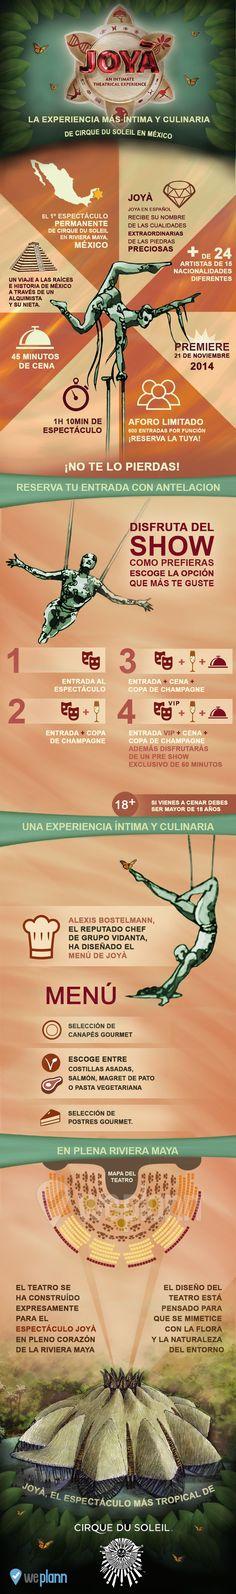 Joyà, el espectáculo permanente de Cirque du Soleil en México.